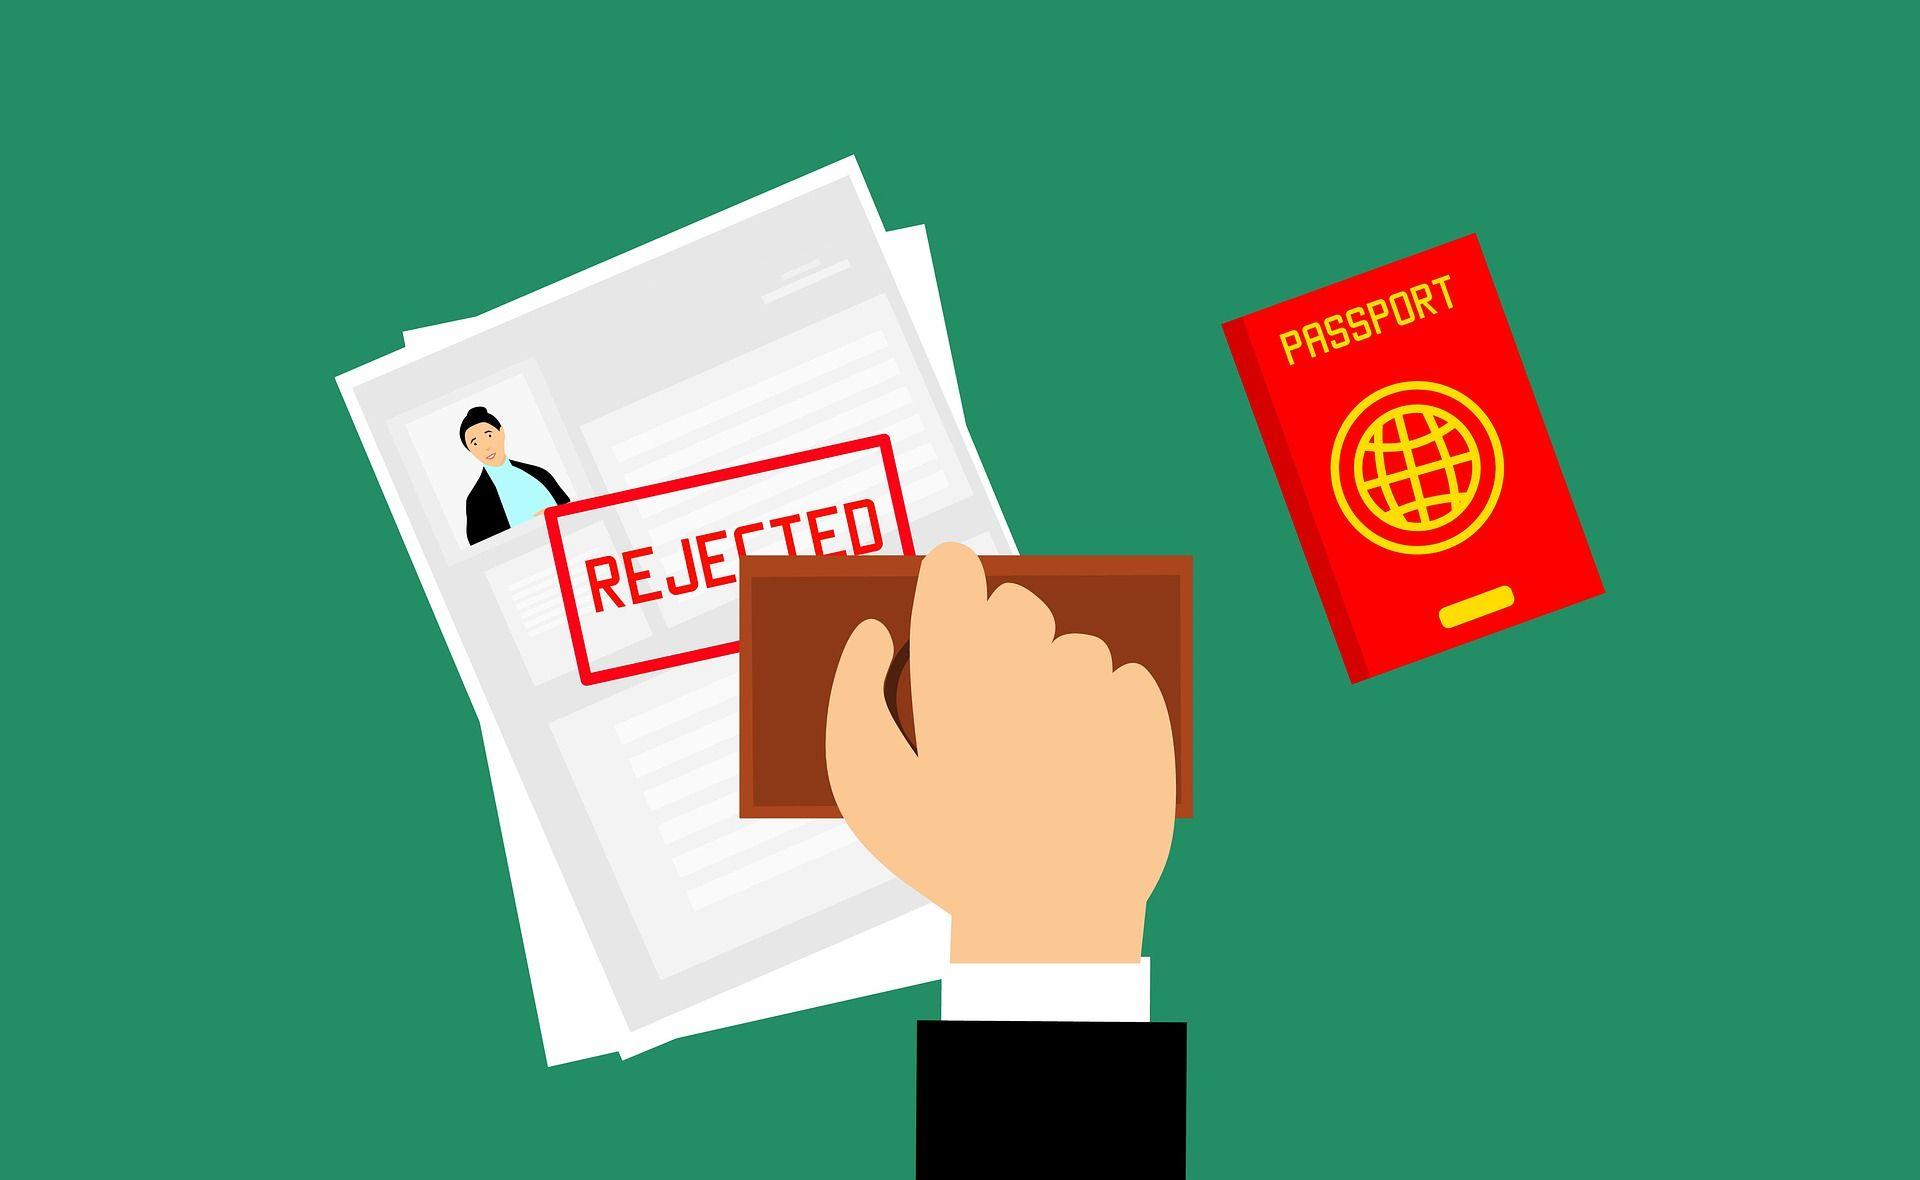 carimbo de rejeição de visto